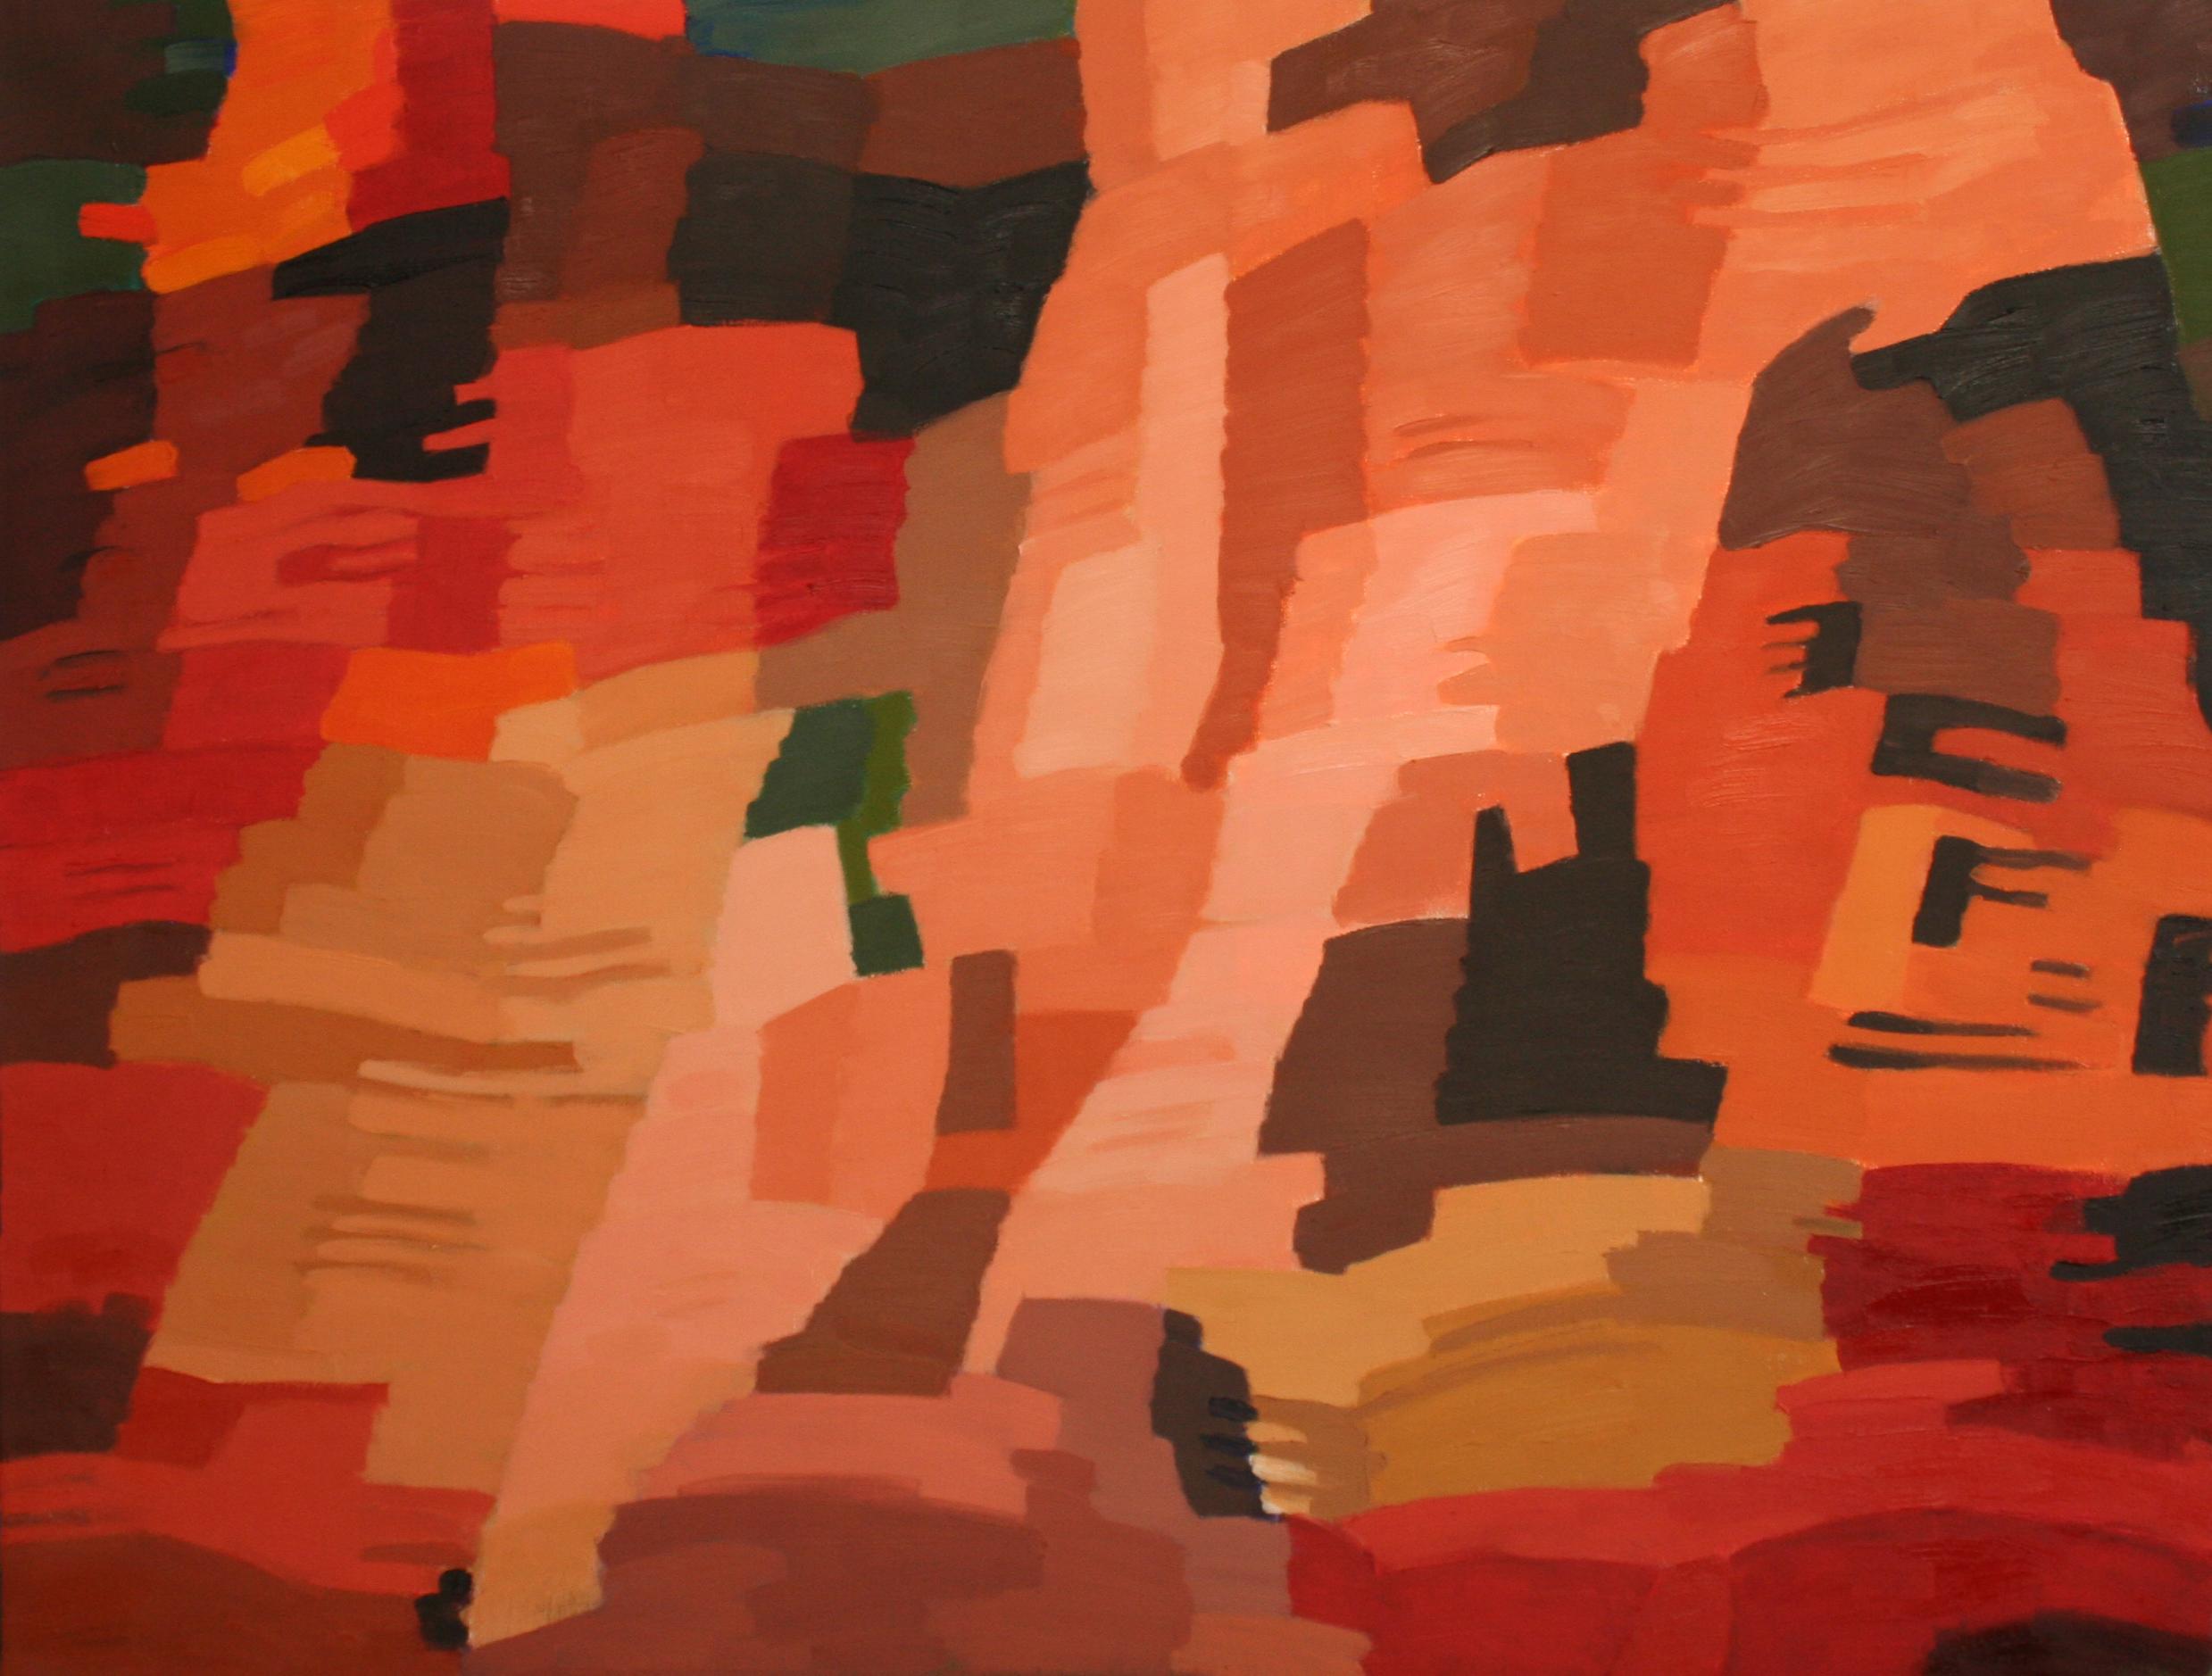 15. Roussillon - janvier 2019 - huile sur toile 89x116